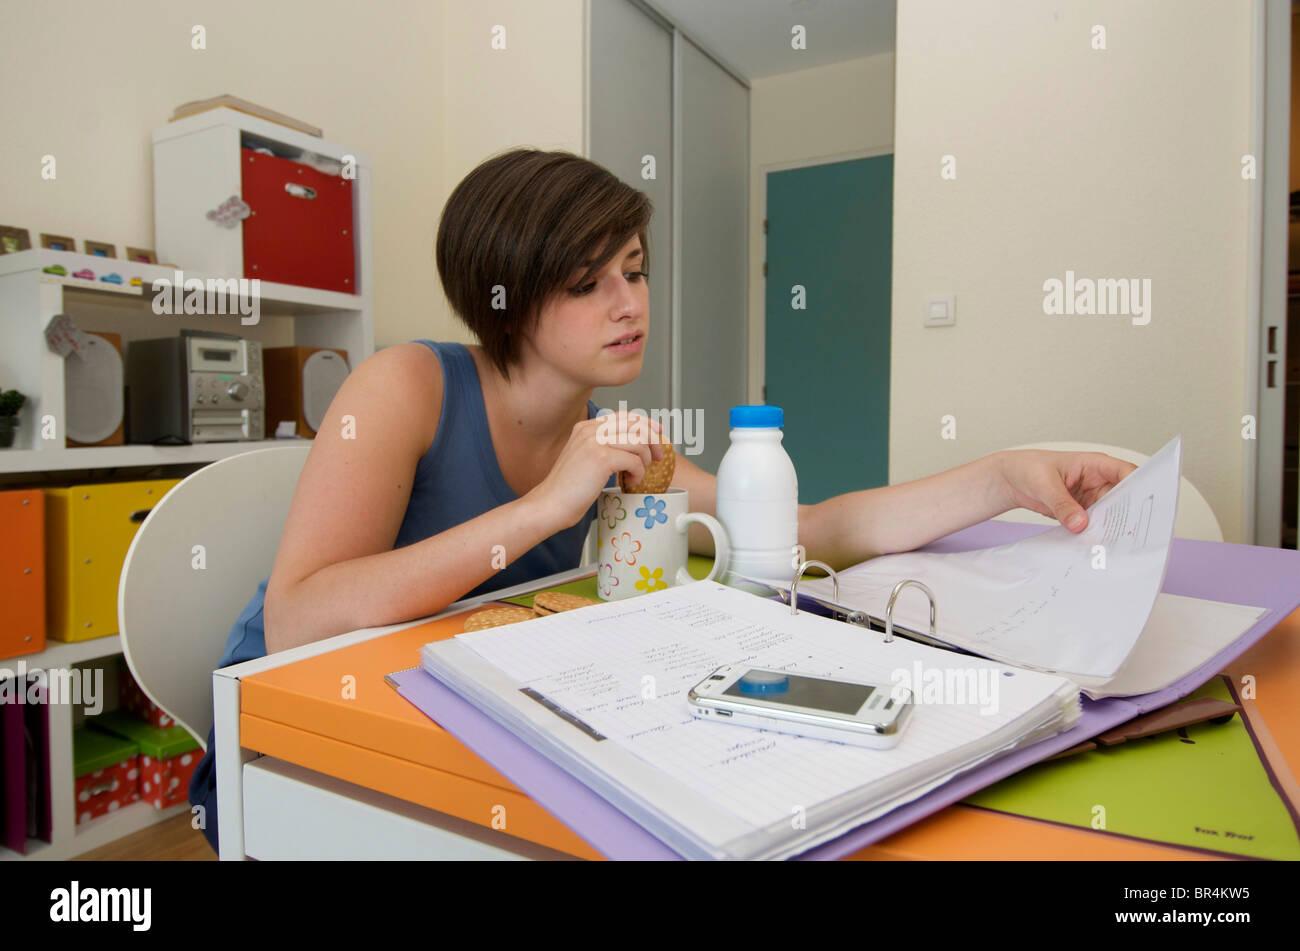 Studente / revisione nella sua università / college appartamento con la sua prima colazione Immagini Stock